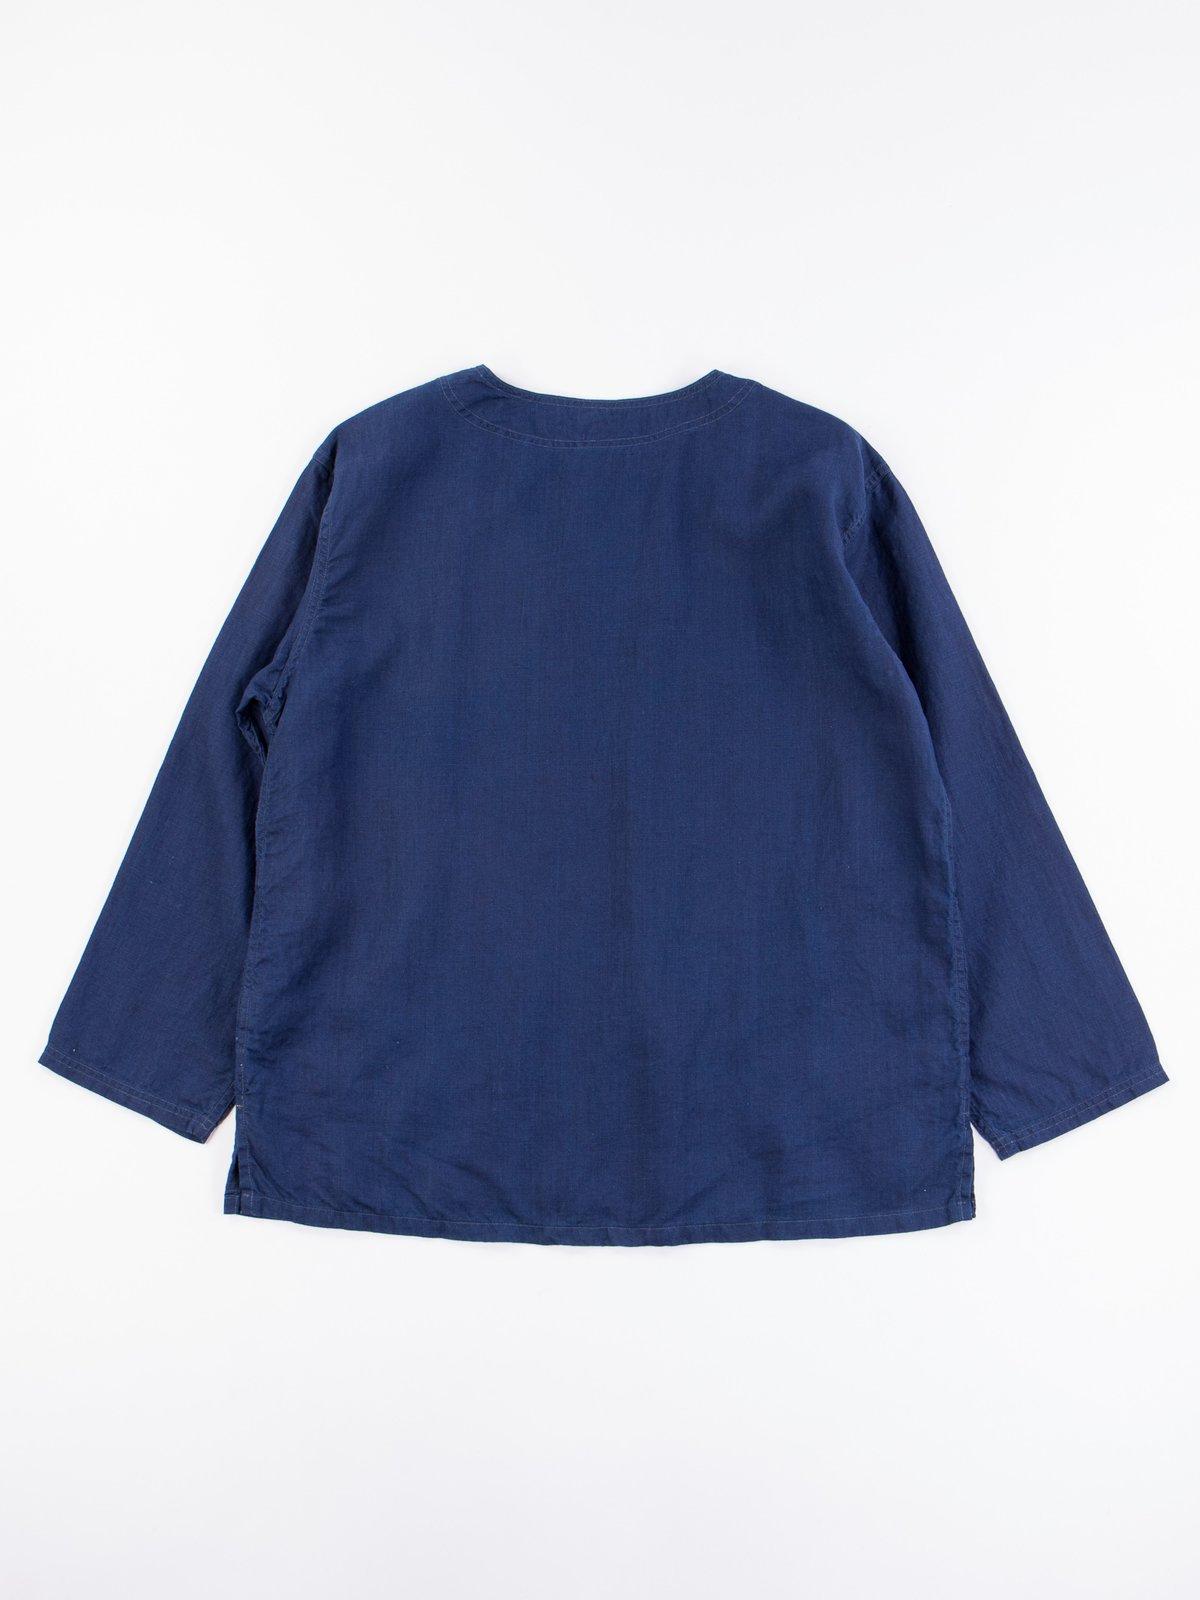 Indigo Linen Pullover Shirt - Image 5